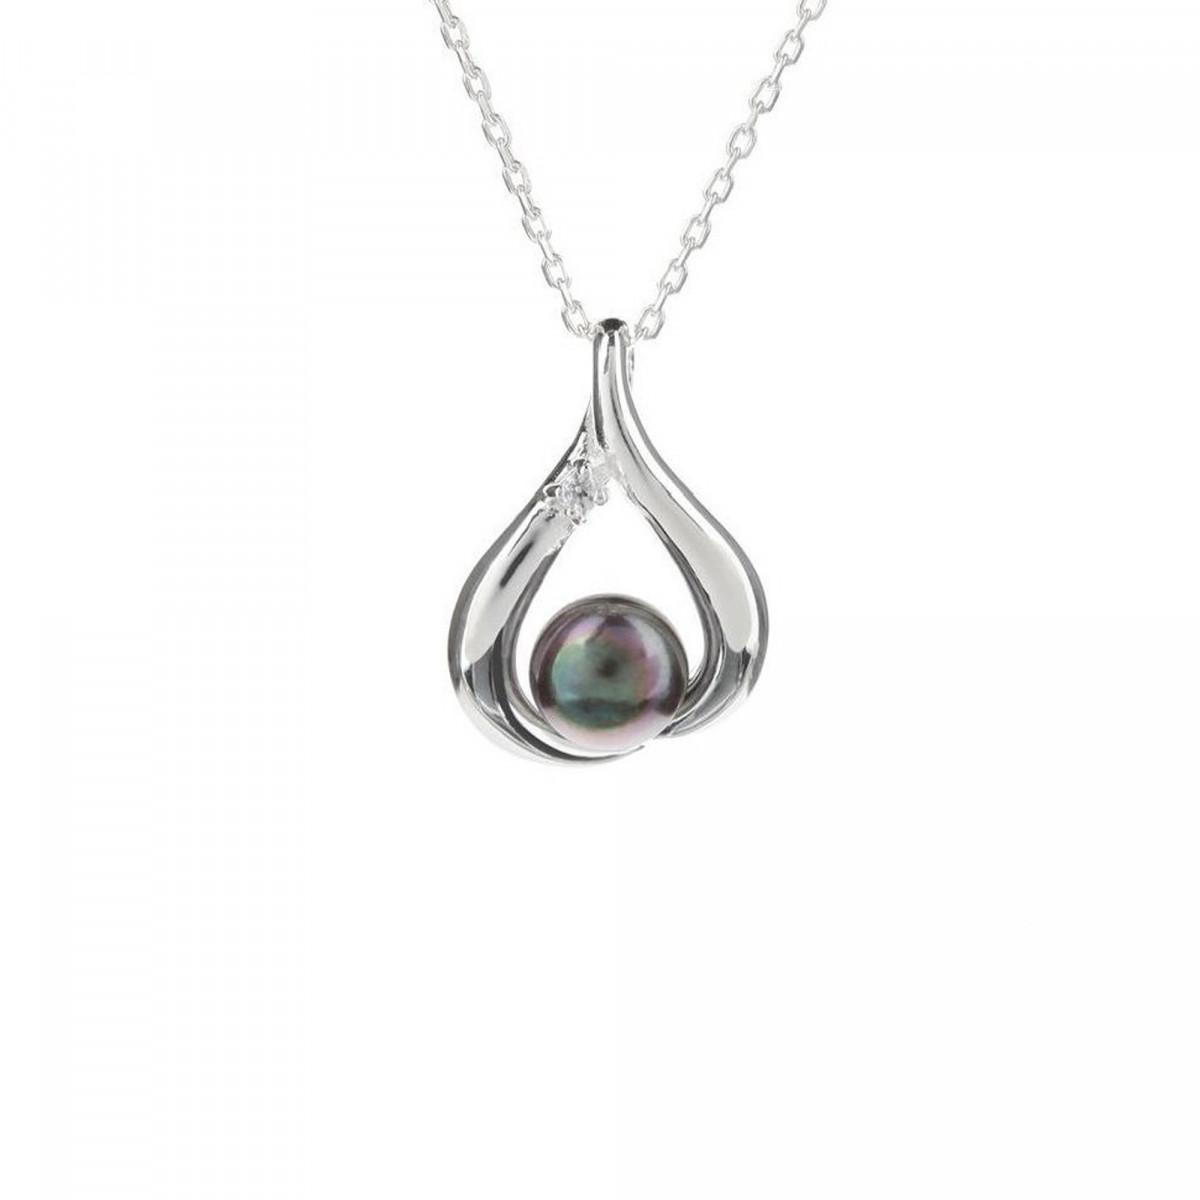 Pendentif + Chaîne poire pearl  en perles de culture grise et argent 925